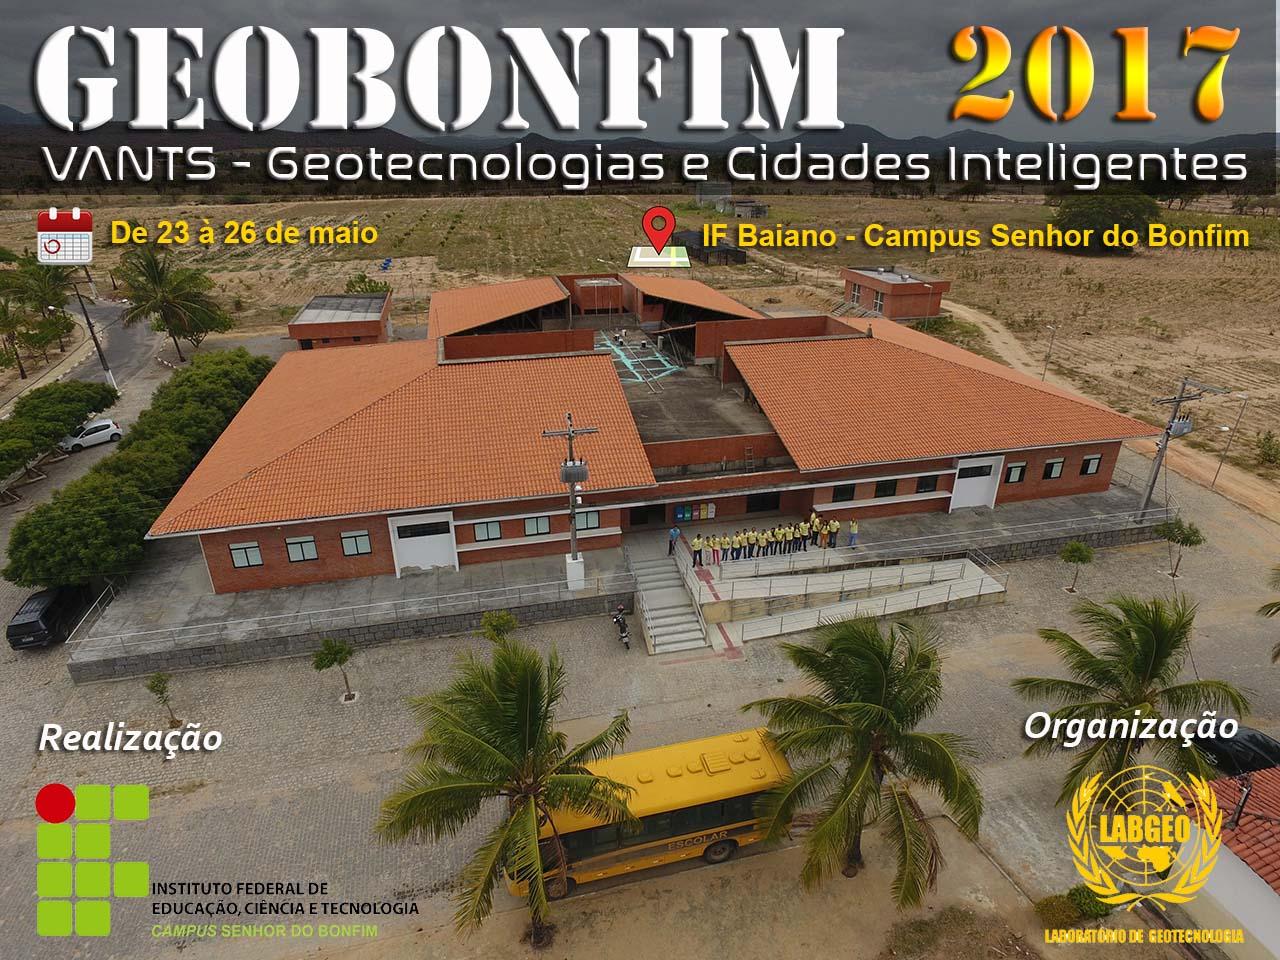 banner geobonfim2017 O GEOBONFIM 2017, já tem programação de palestras definidas. Confira